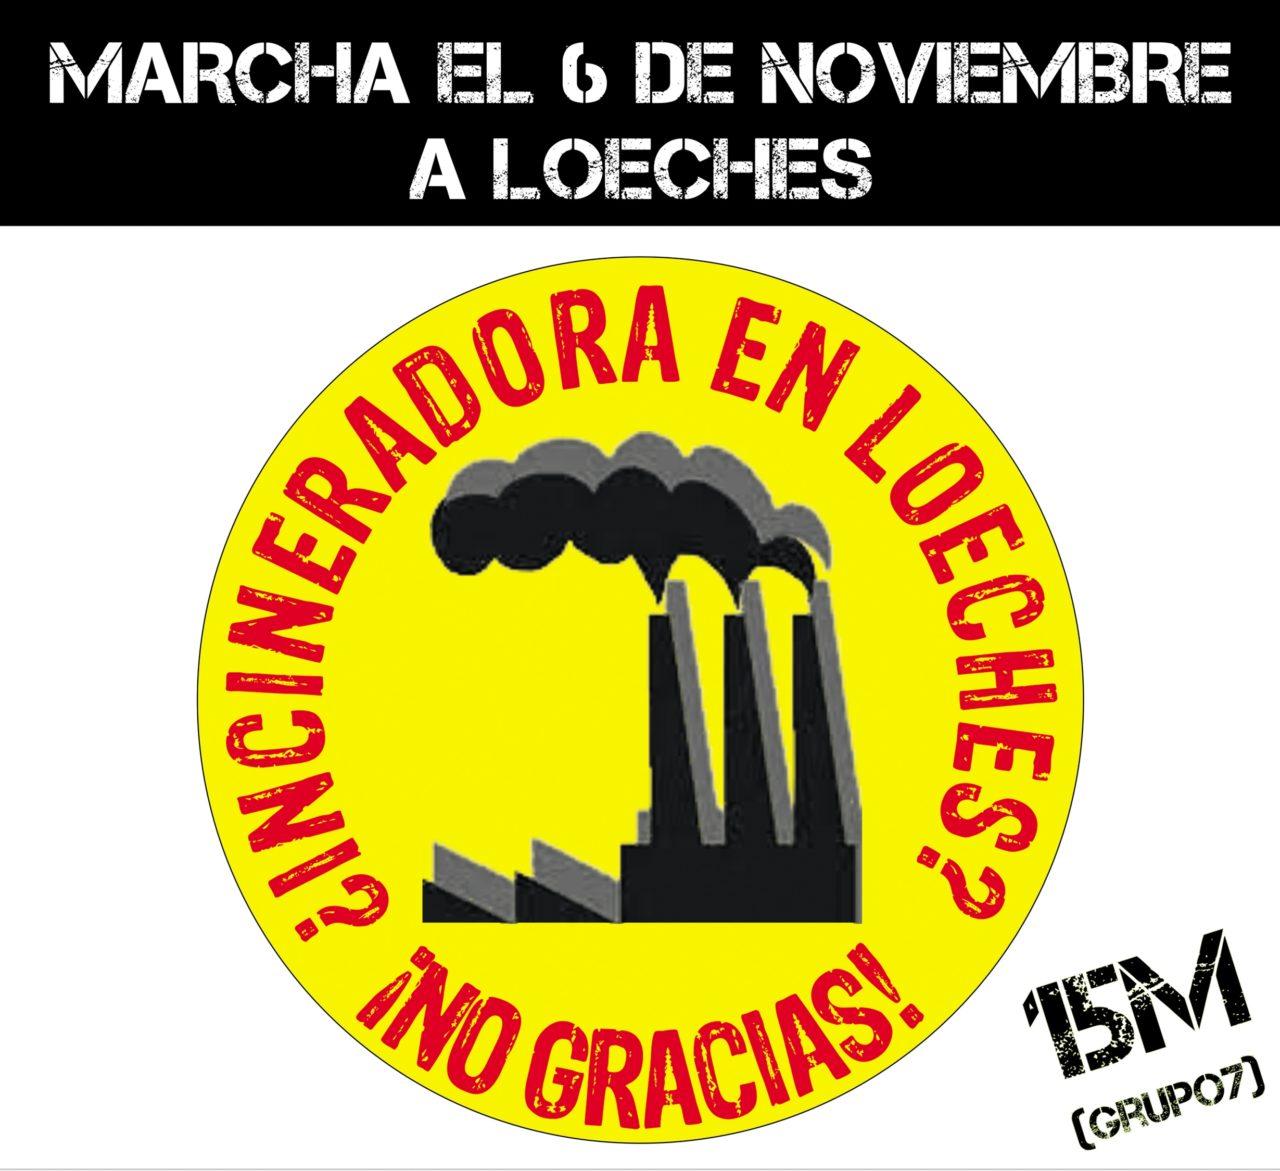 Este domingo, ¡marcha hasta Loeches contra el macrovertedero!